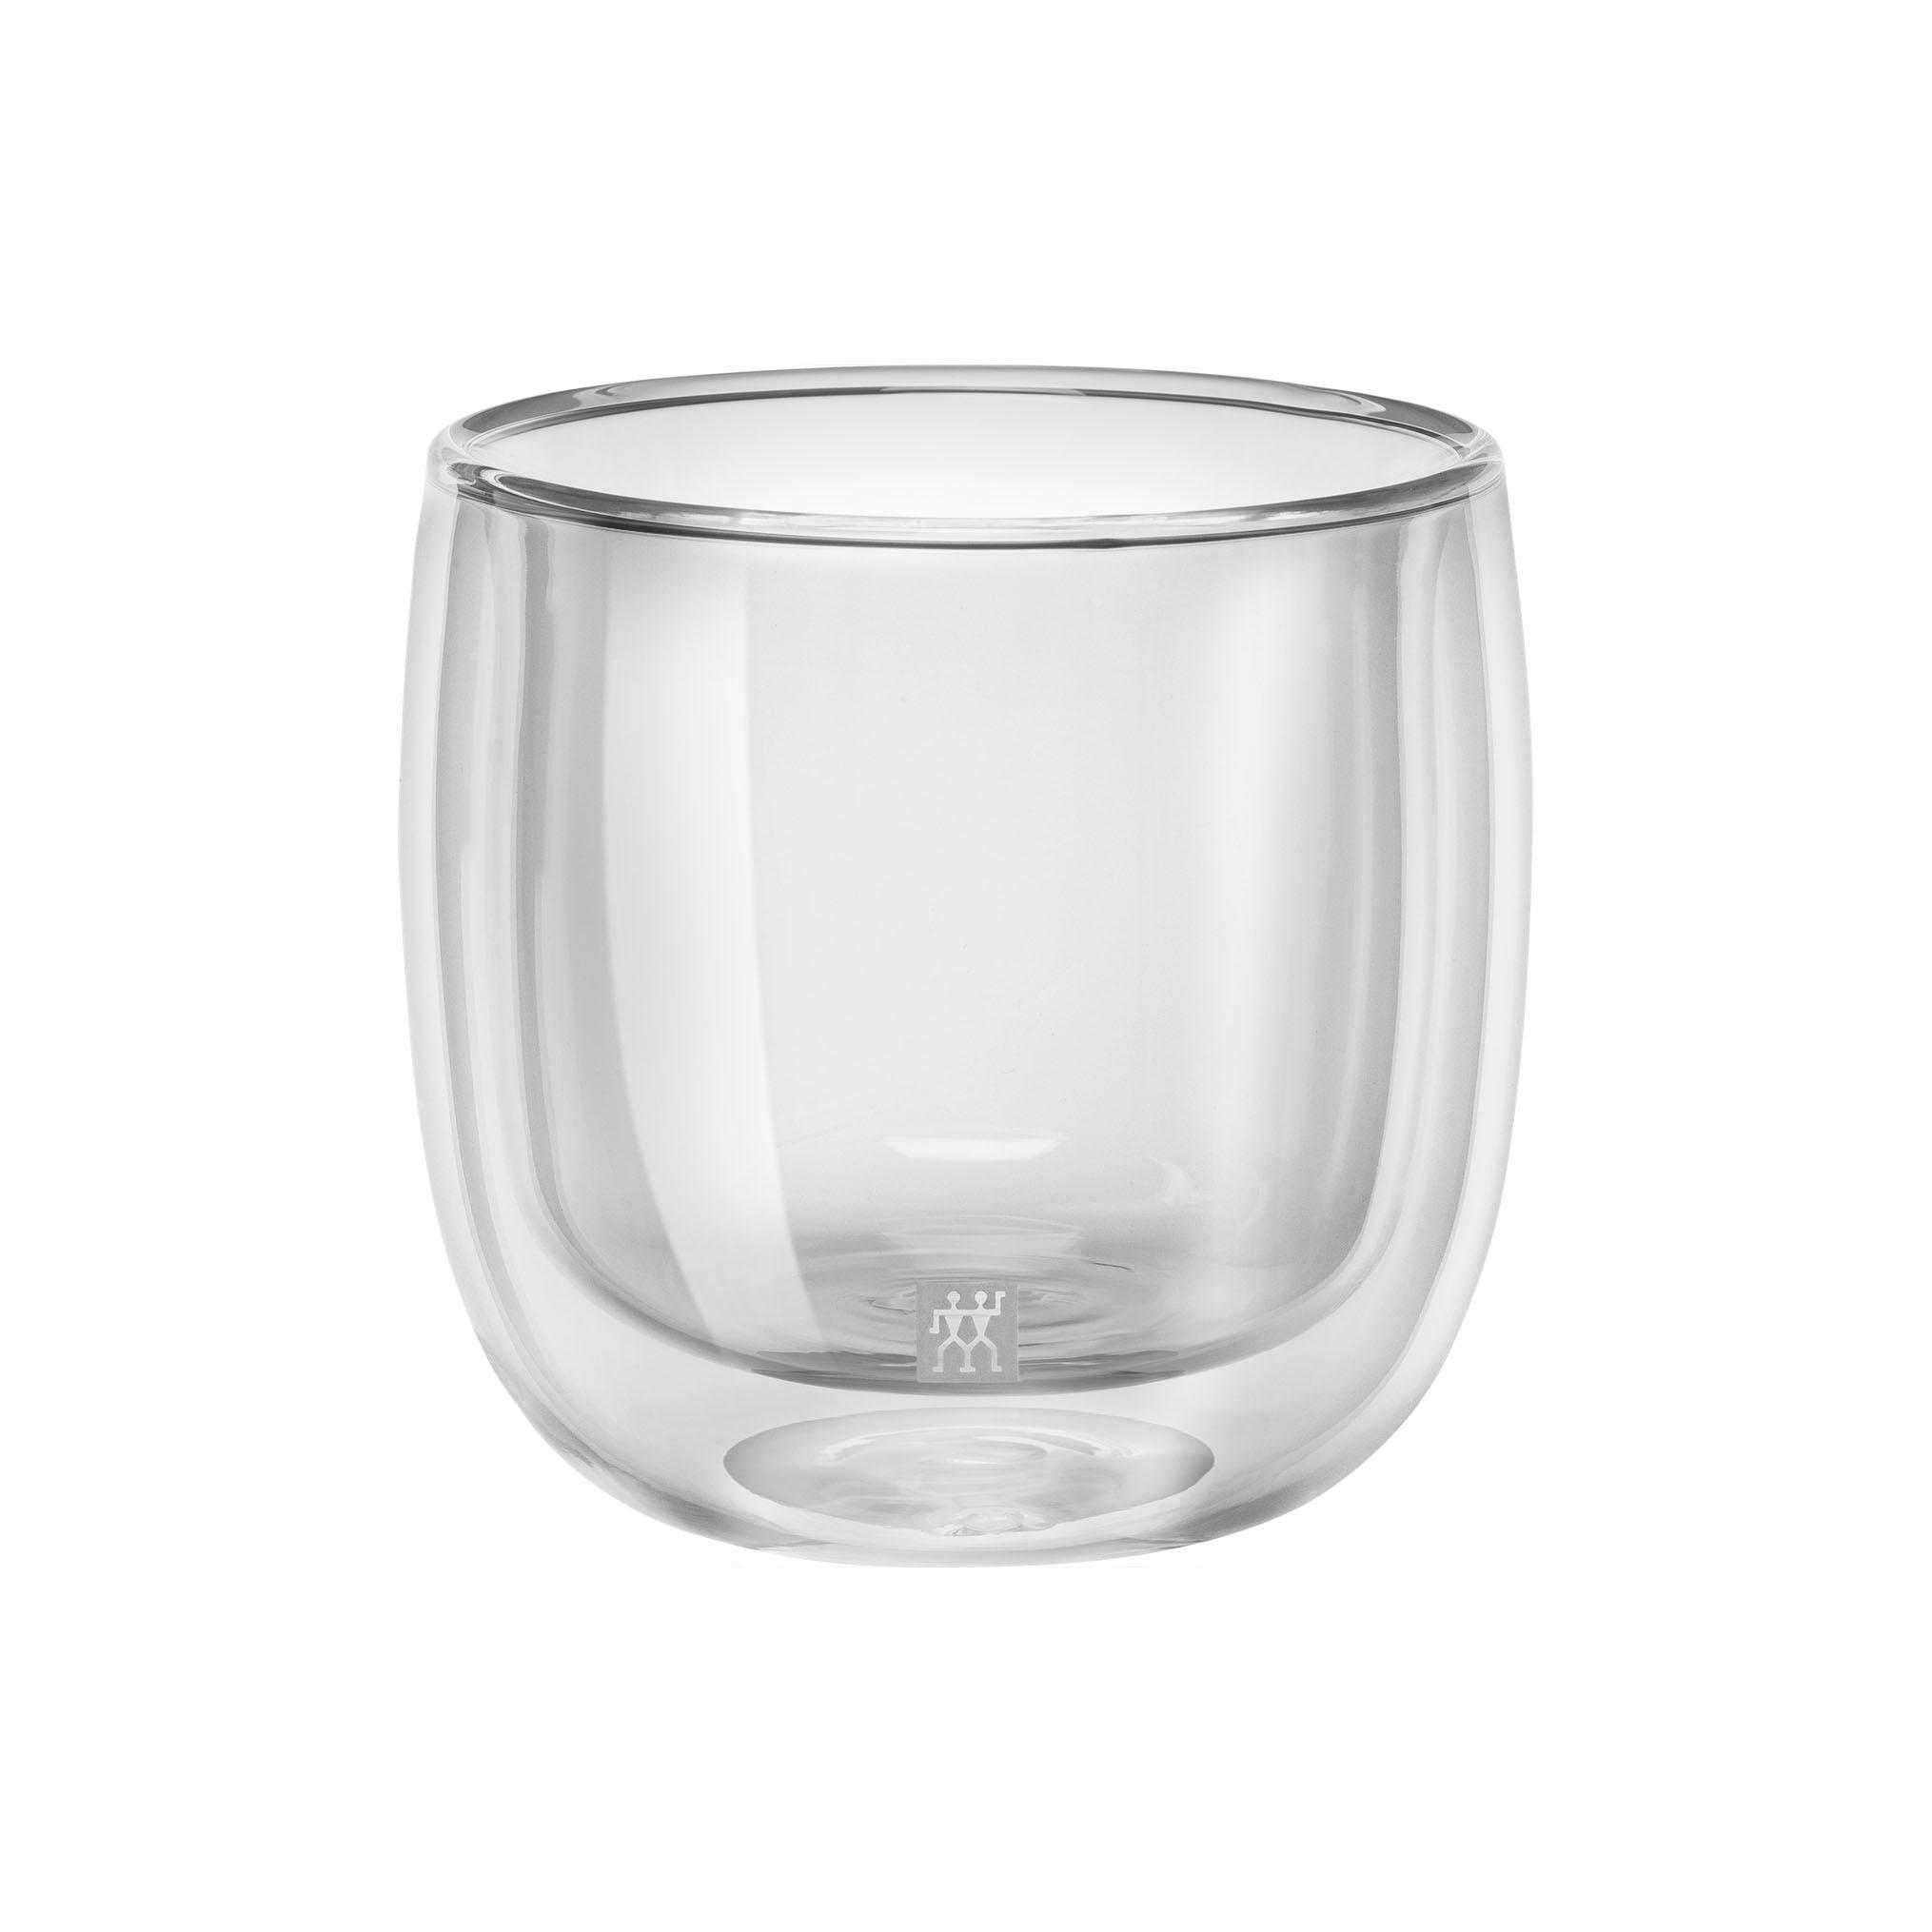 Набор из 2 стаканов для чая 240 мл Zwilling 39500-077Кружки и чашки<br>Набор из 2 стаканов для чая 240 мл Zwilling 39500-077<br><br>Назначение: для чая. Сохраняют горячие напитки горячими и холодные - холодными долгое время. Легкие, прочные и устойчивые.<br>Уход: Мыть рекомендуется вручную теплой водой с применением жидкого моющего средства, вытирать насухо чистыми безворсовыми салфетками. Пригодны для использования в микроволновой печи.<br>